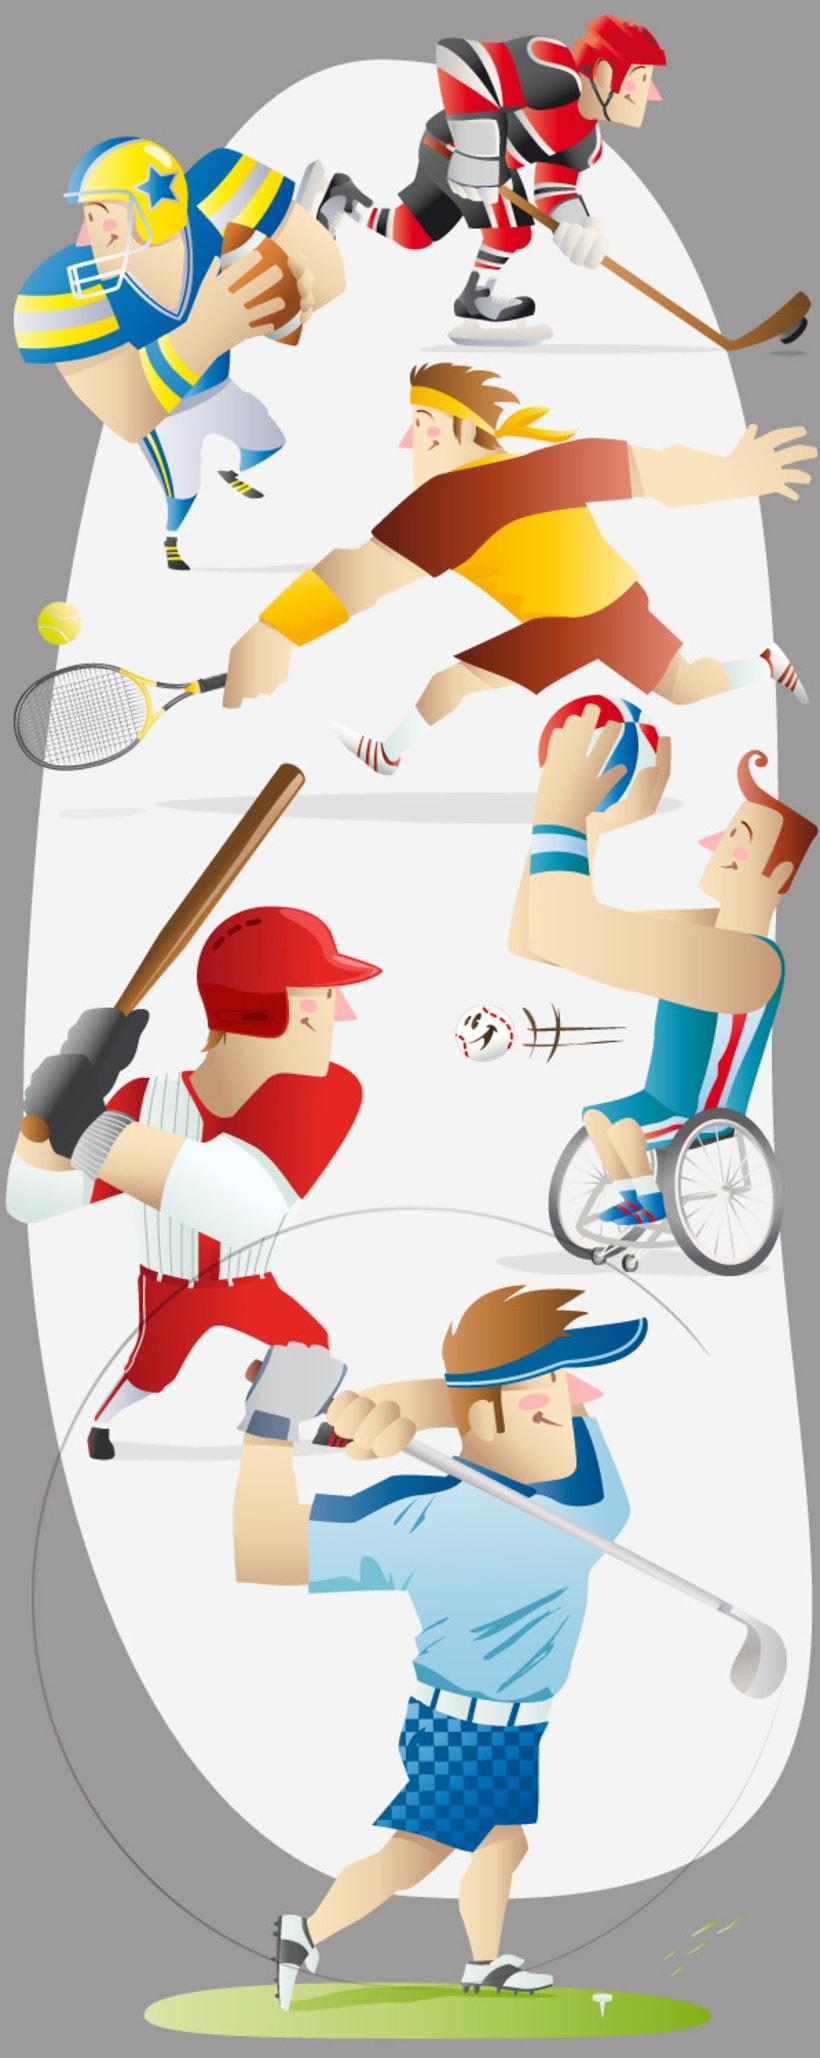 Ilustraciones deportes 1